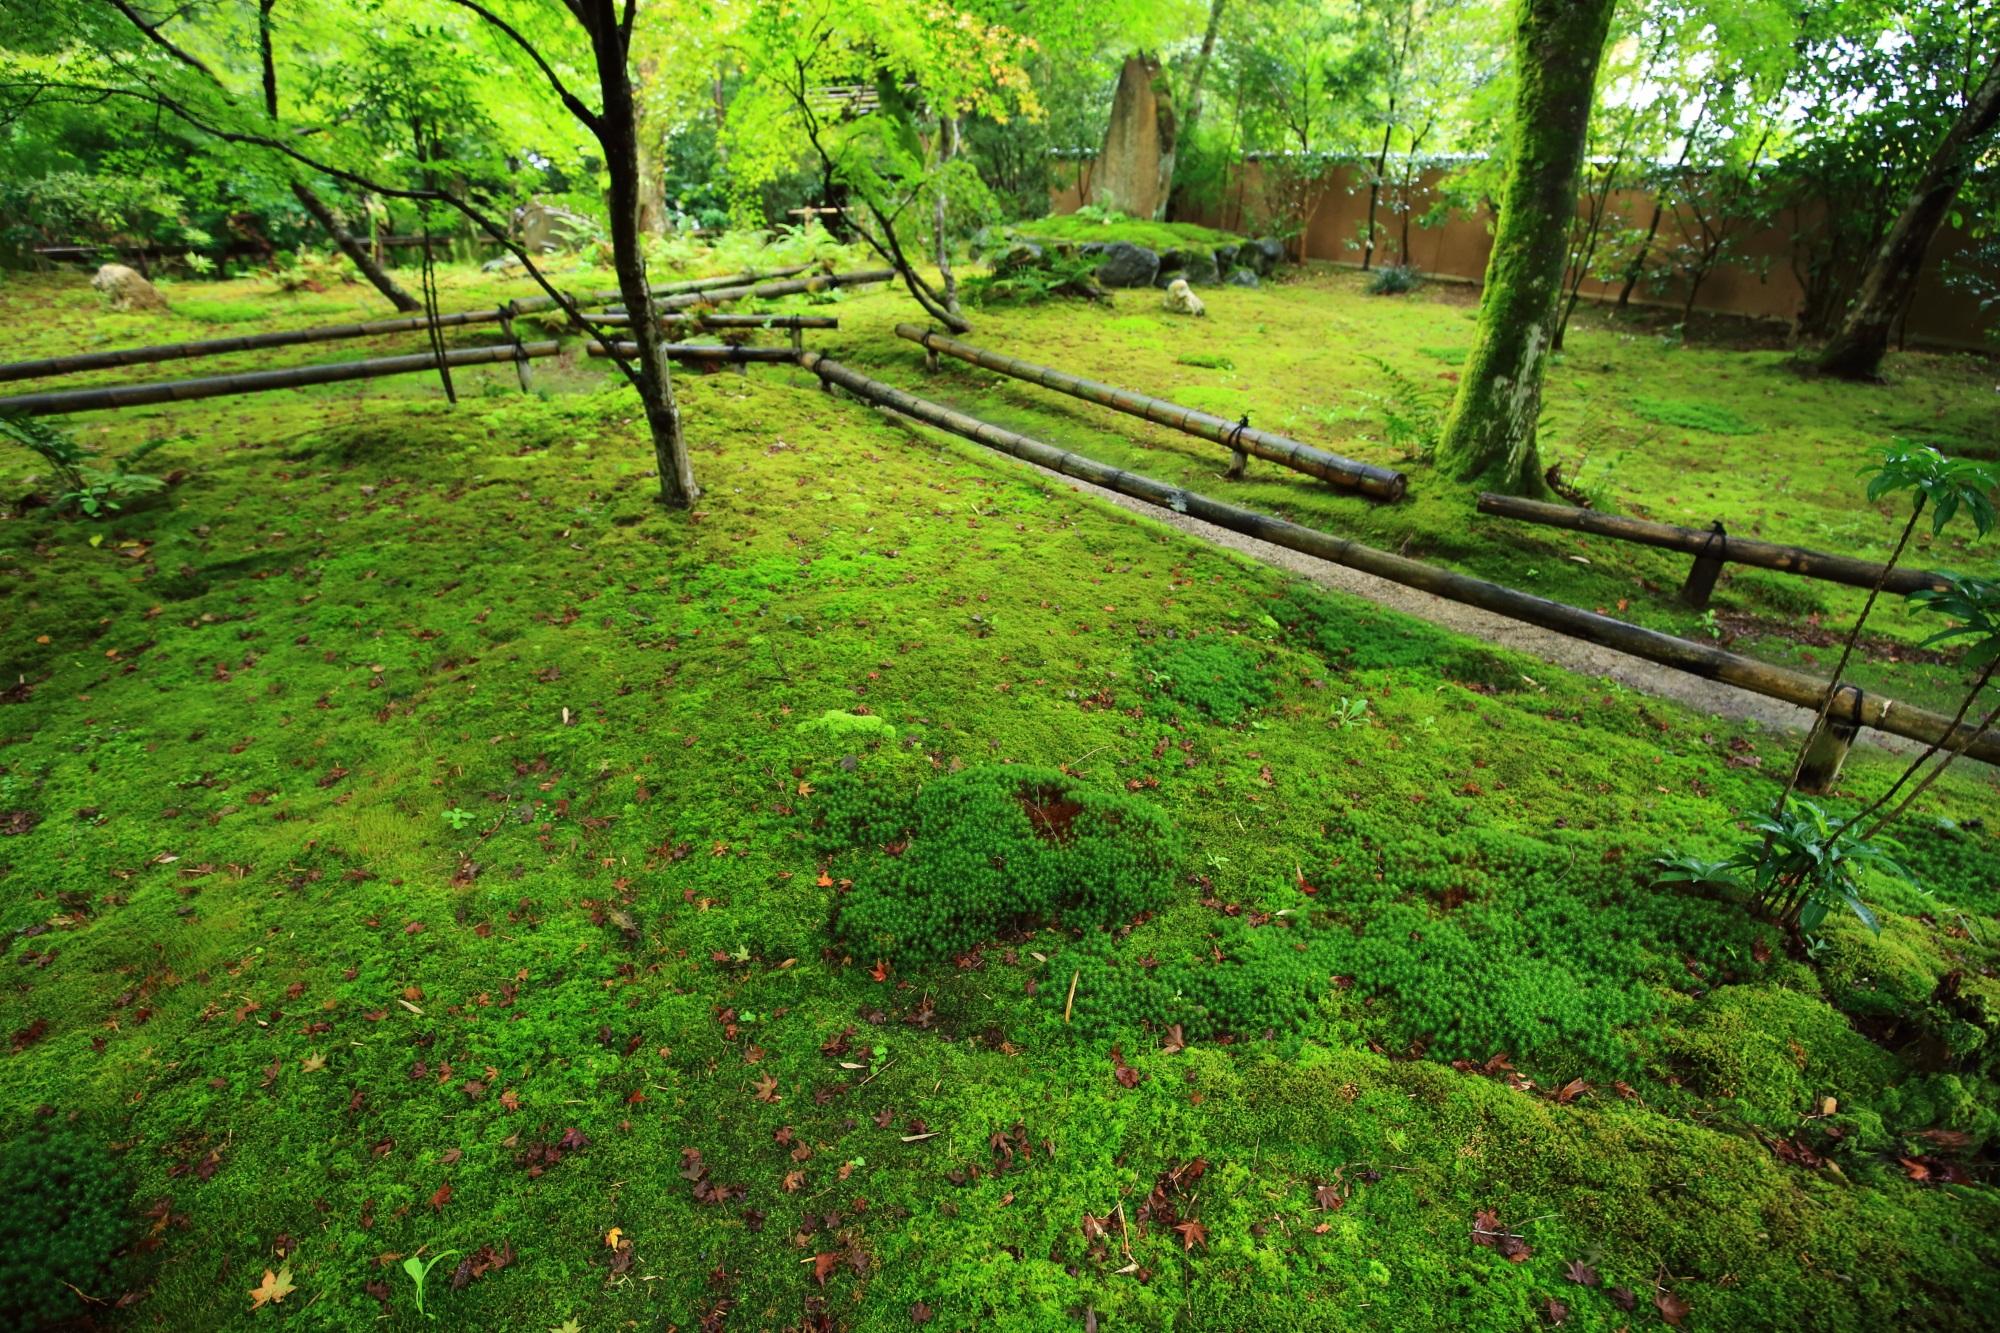 苔庭の一面の苔